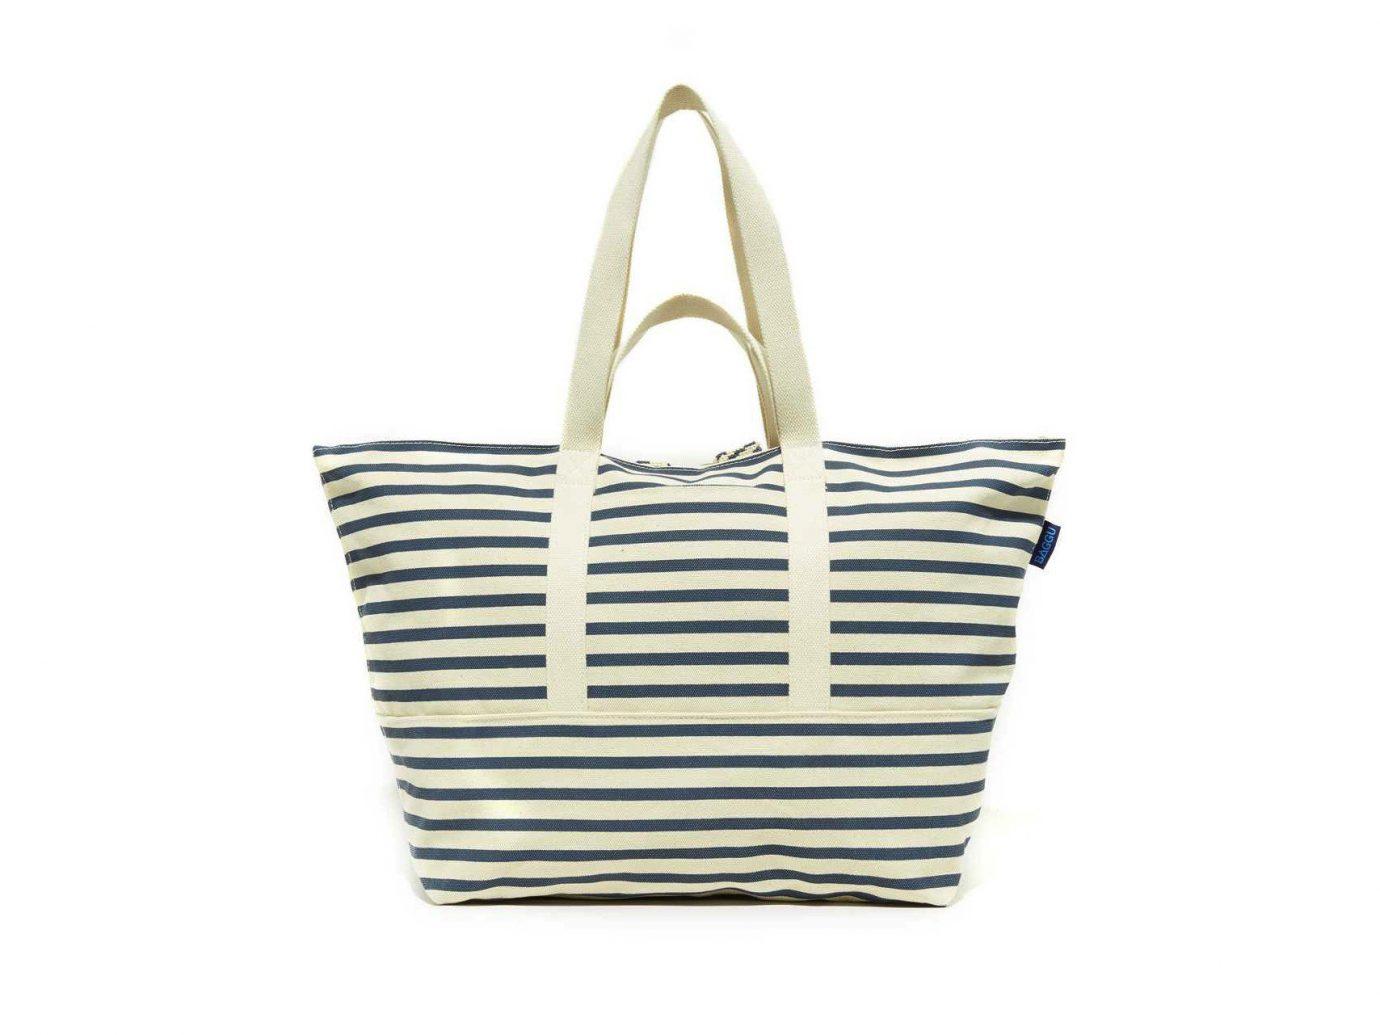 Style + Design handbag tote bag bag fashion accessory shoulder bag textile leather pattern